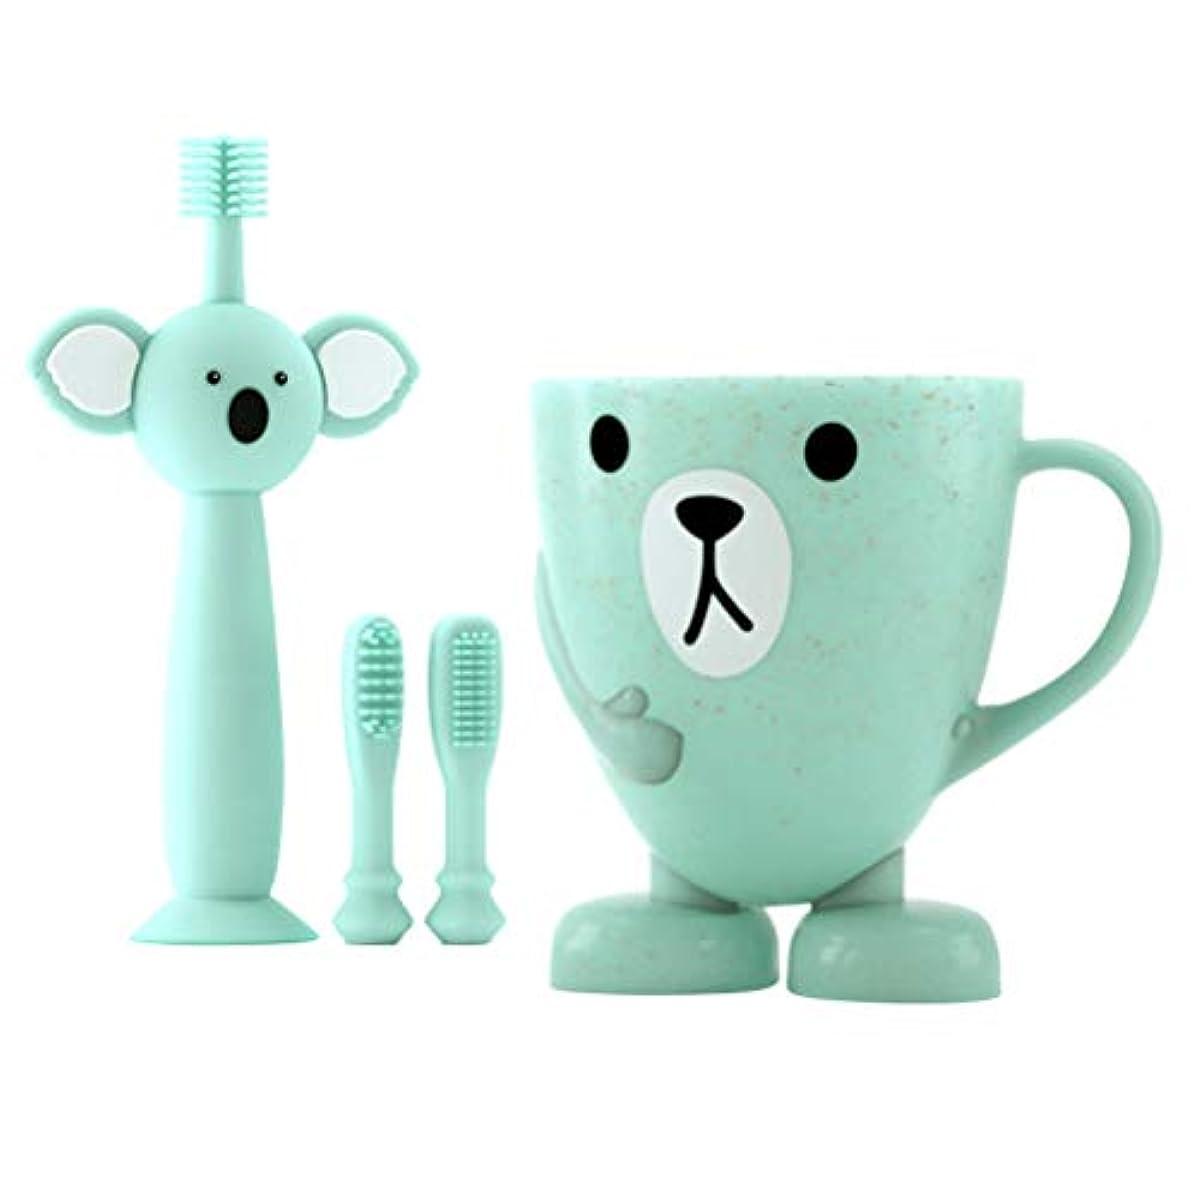 ナチュラ汚染された乱すTOYANDONA 赤ちゃんの歯のクリーニングセット幼児シリコン歯ブラシ2個付き交換用ブラシヘ??ッドカップ4個